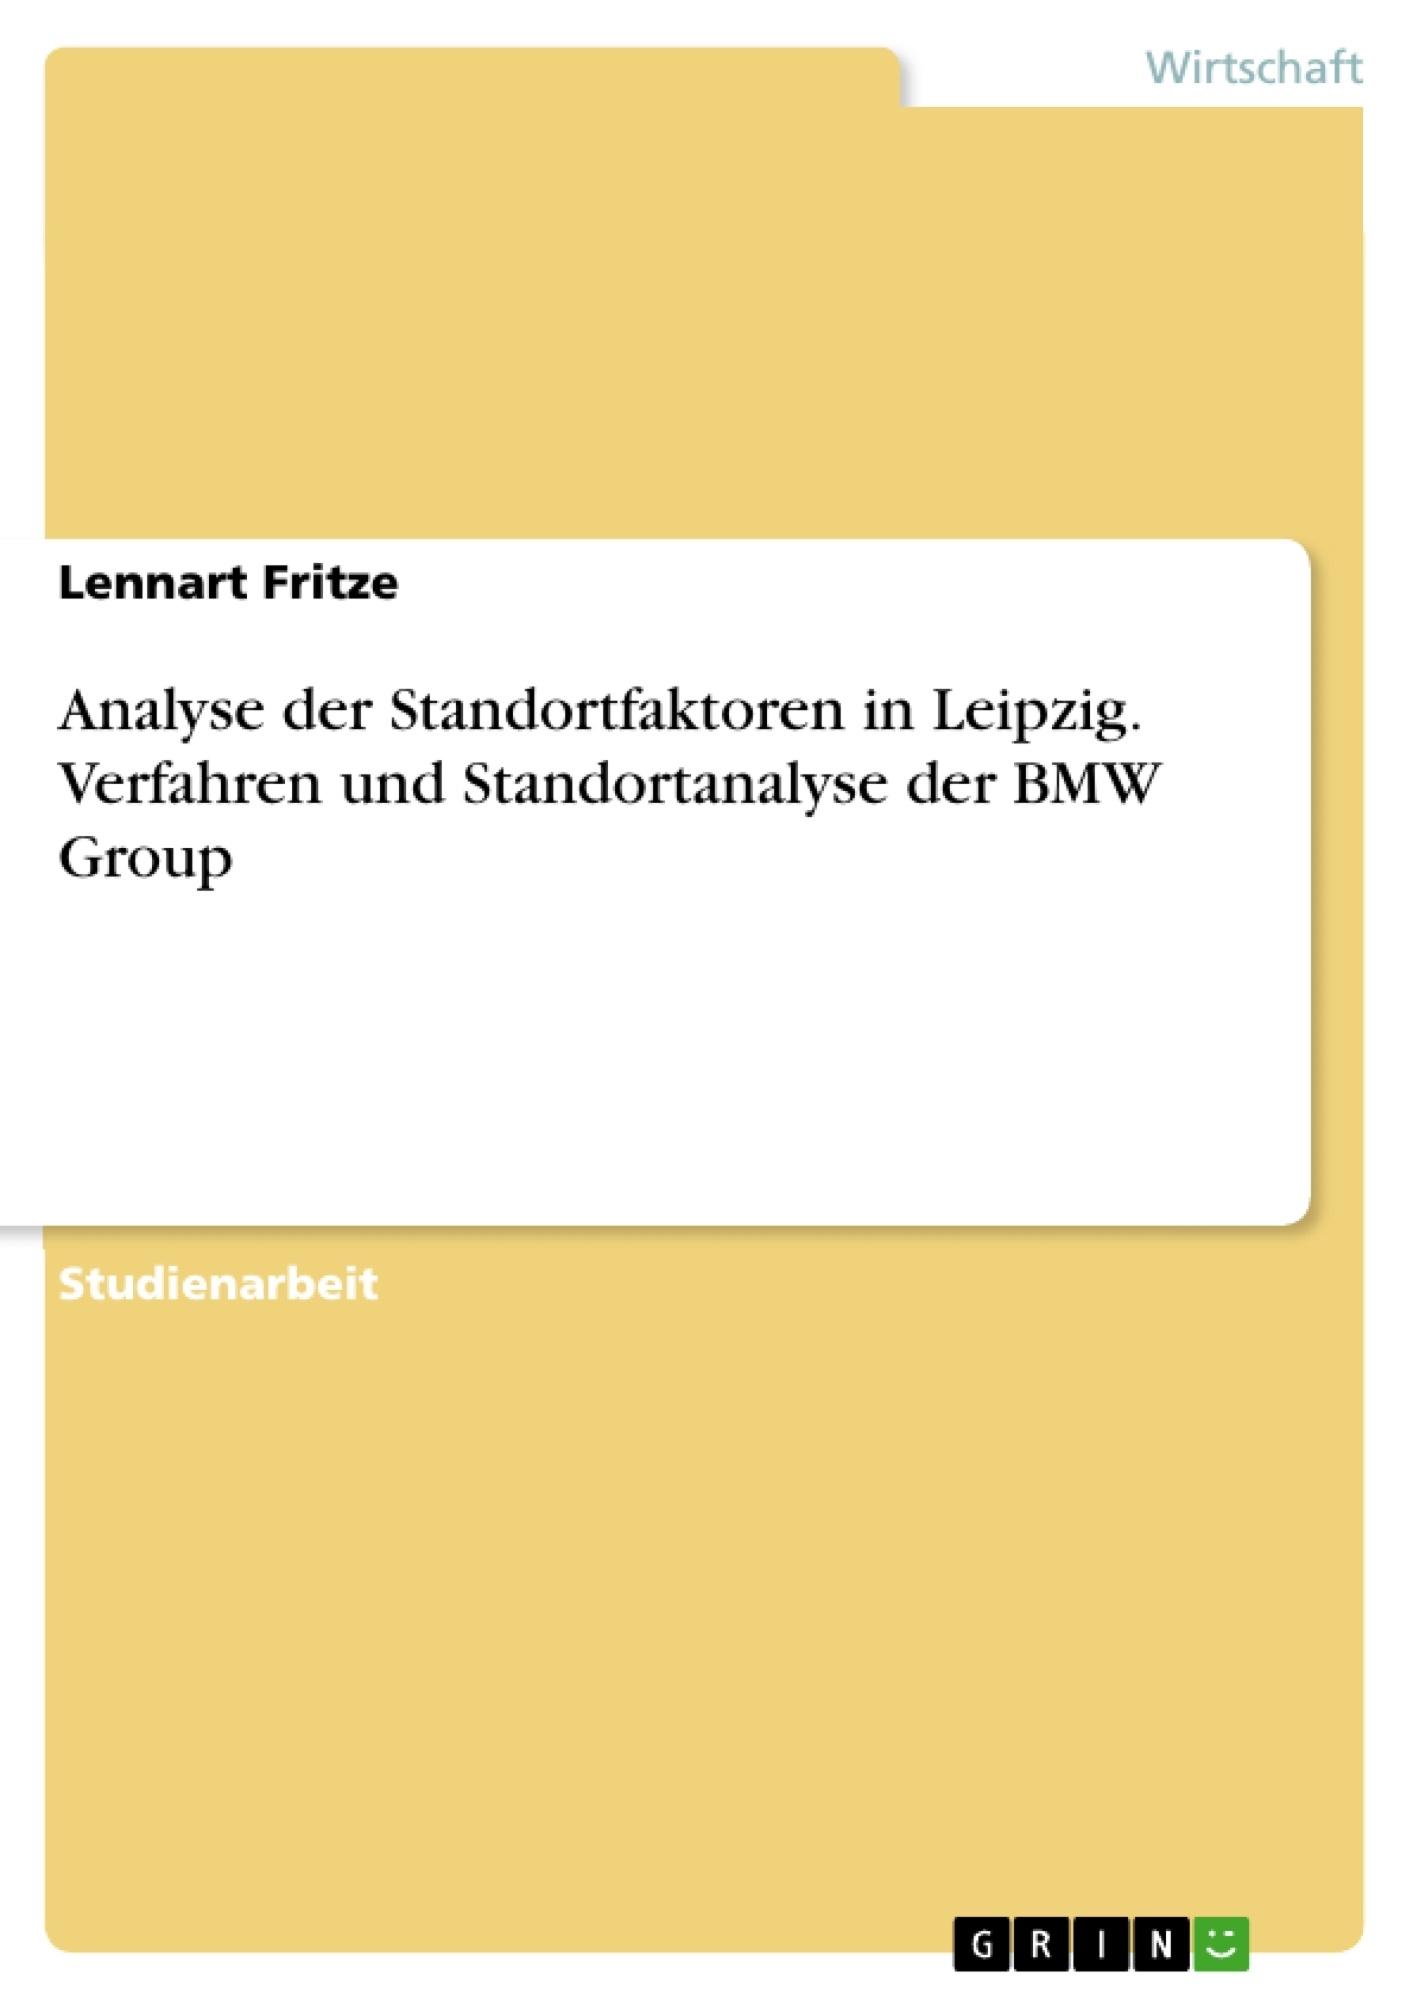 Titel: Analyse der Standortfaktoren in Leipzig. Verfahren und Standortanalyse der BMW Group